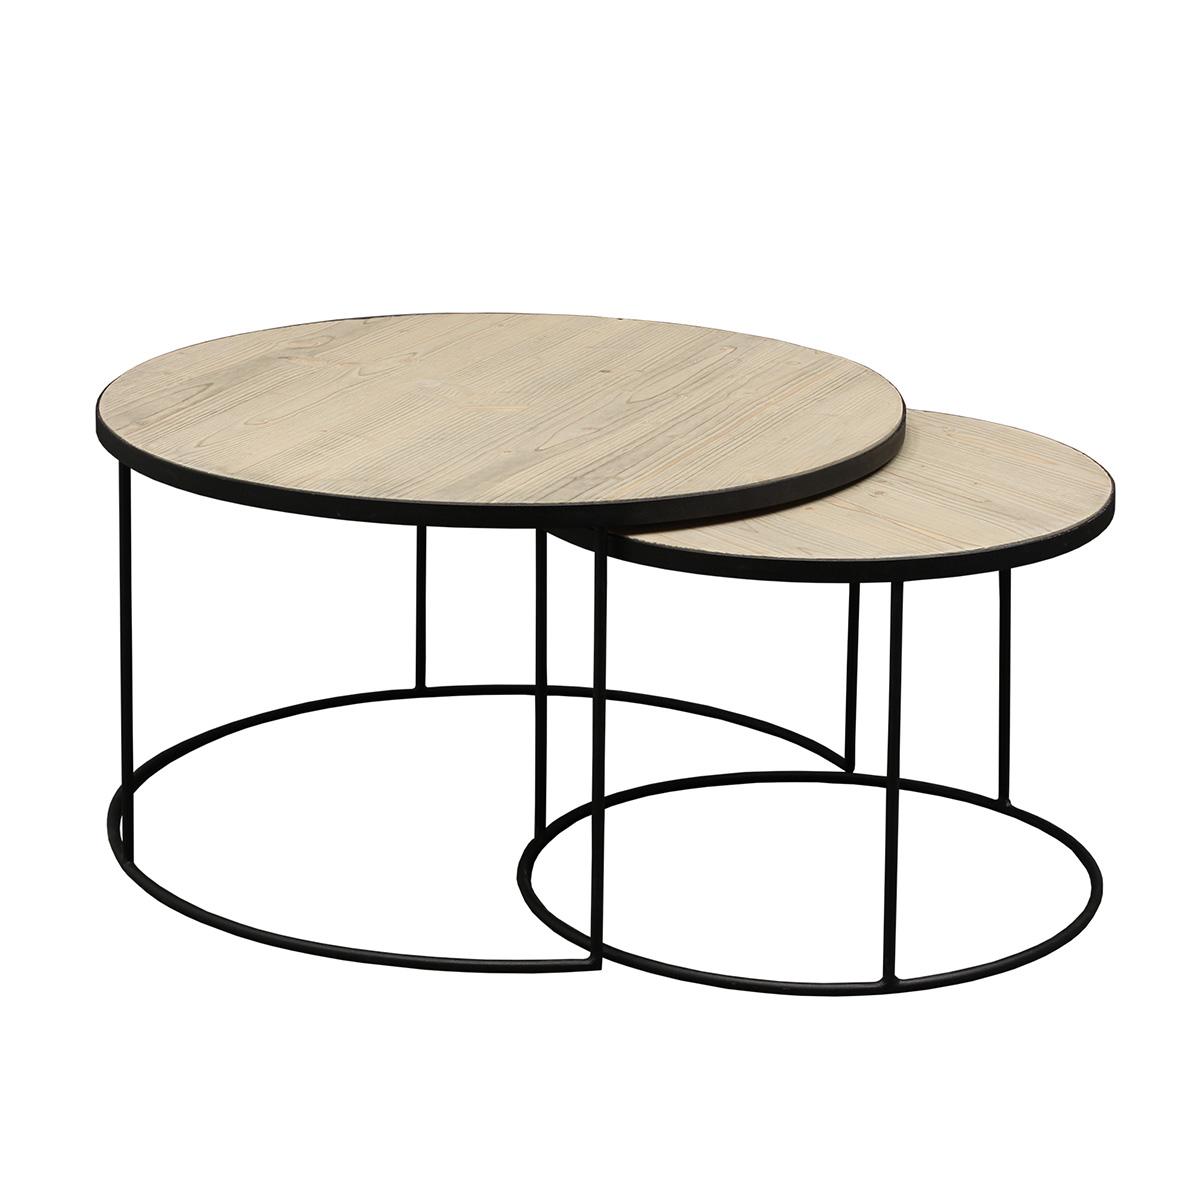 Chairo-Coffee-Table-Cozy-Home-Dubai-Uae